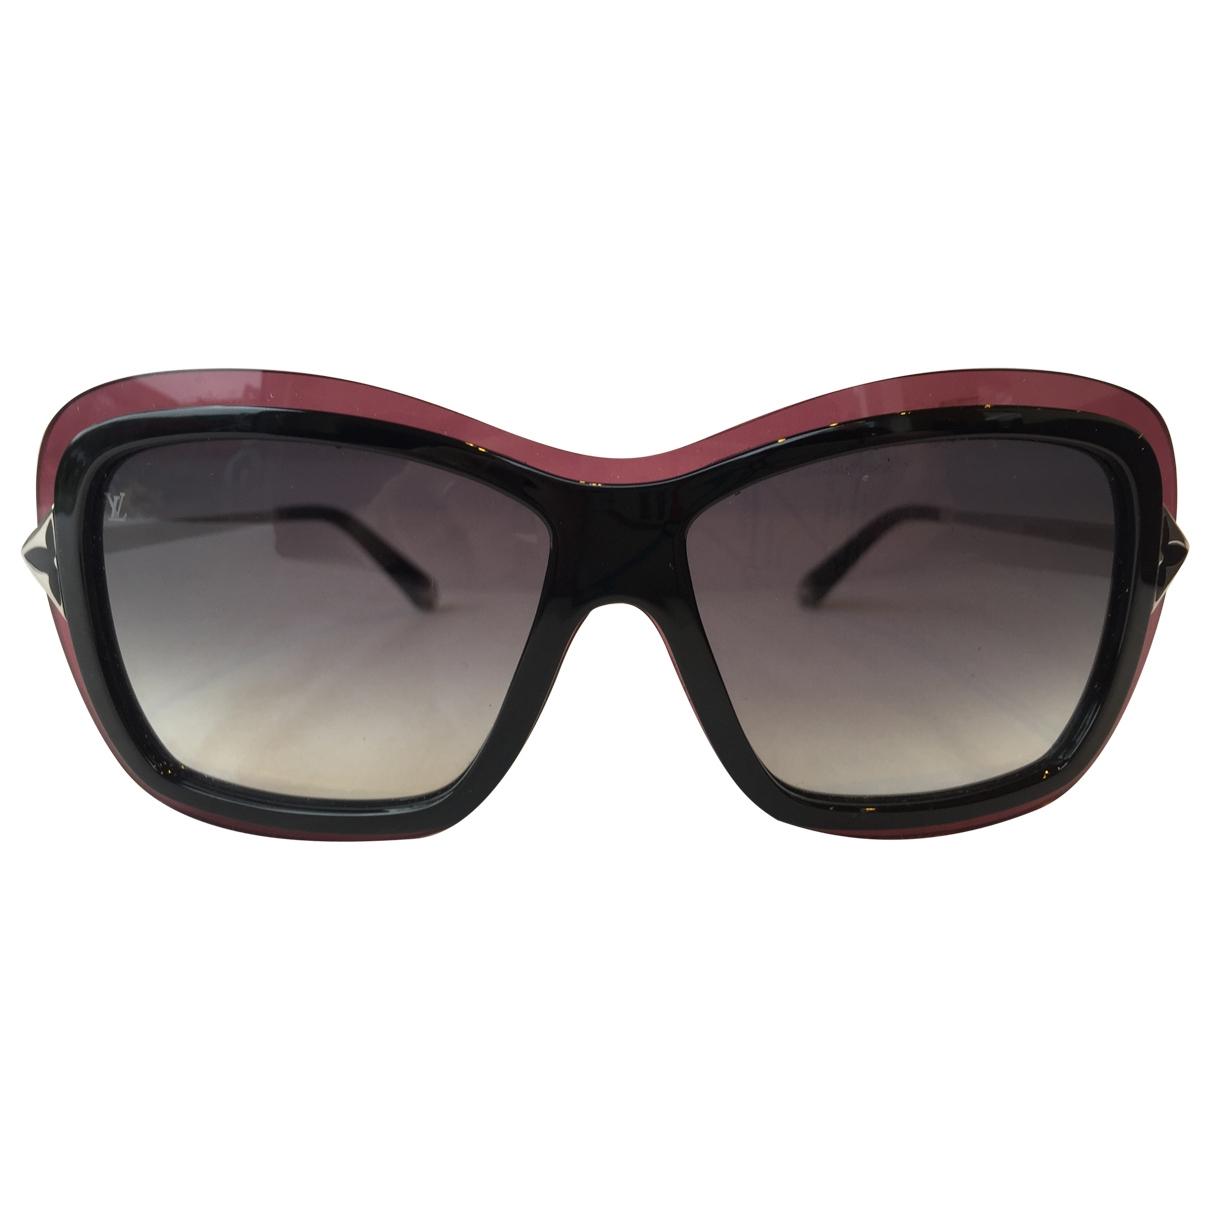 Louis Vuitton \N Burgundy Sunglasses for Women \N